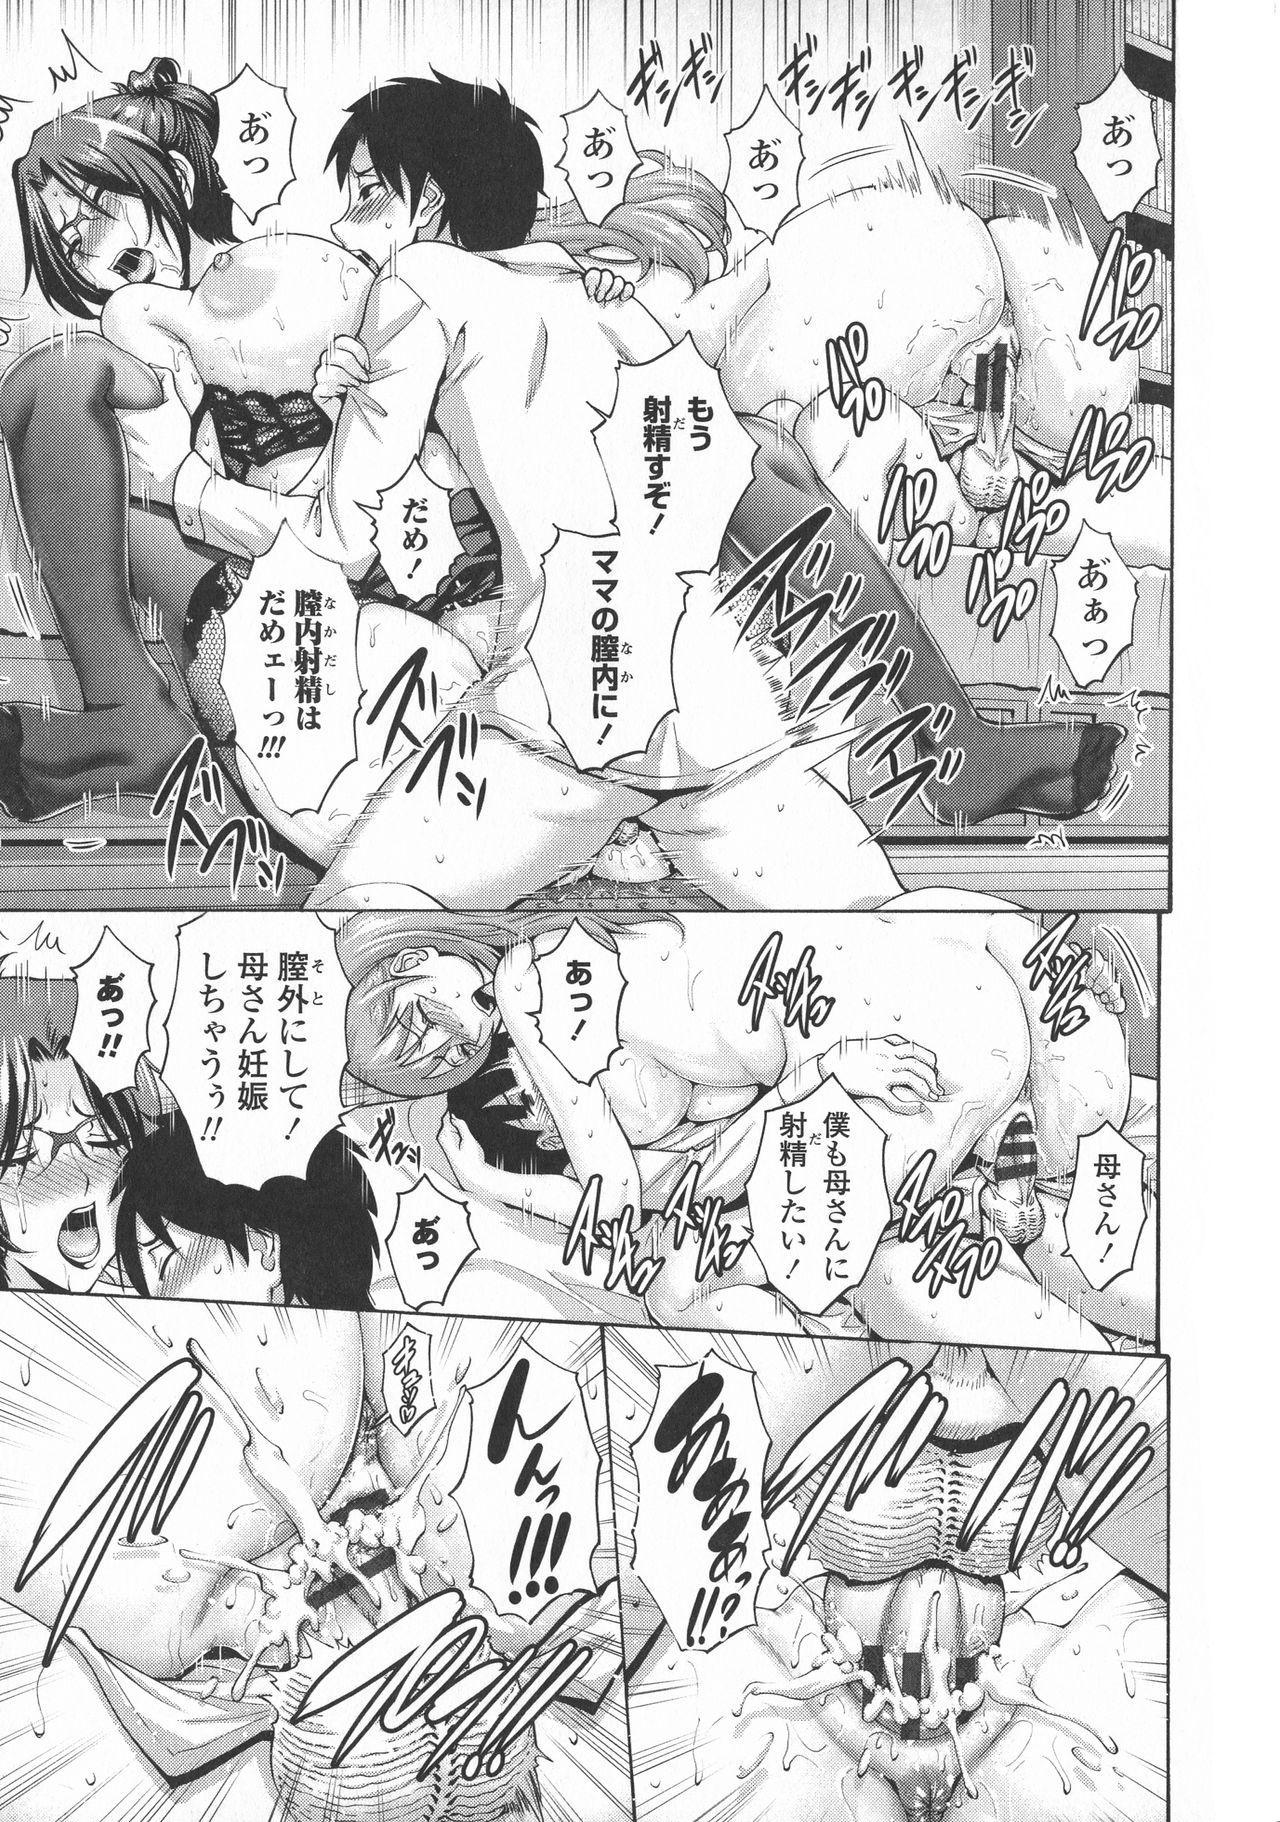 Tomodachi no Haha wa Boku no Mono - His Mother is My Love Hole 68